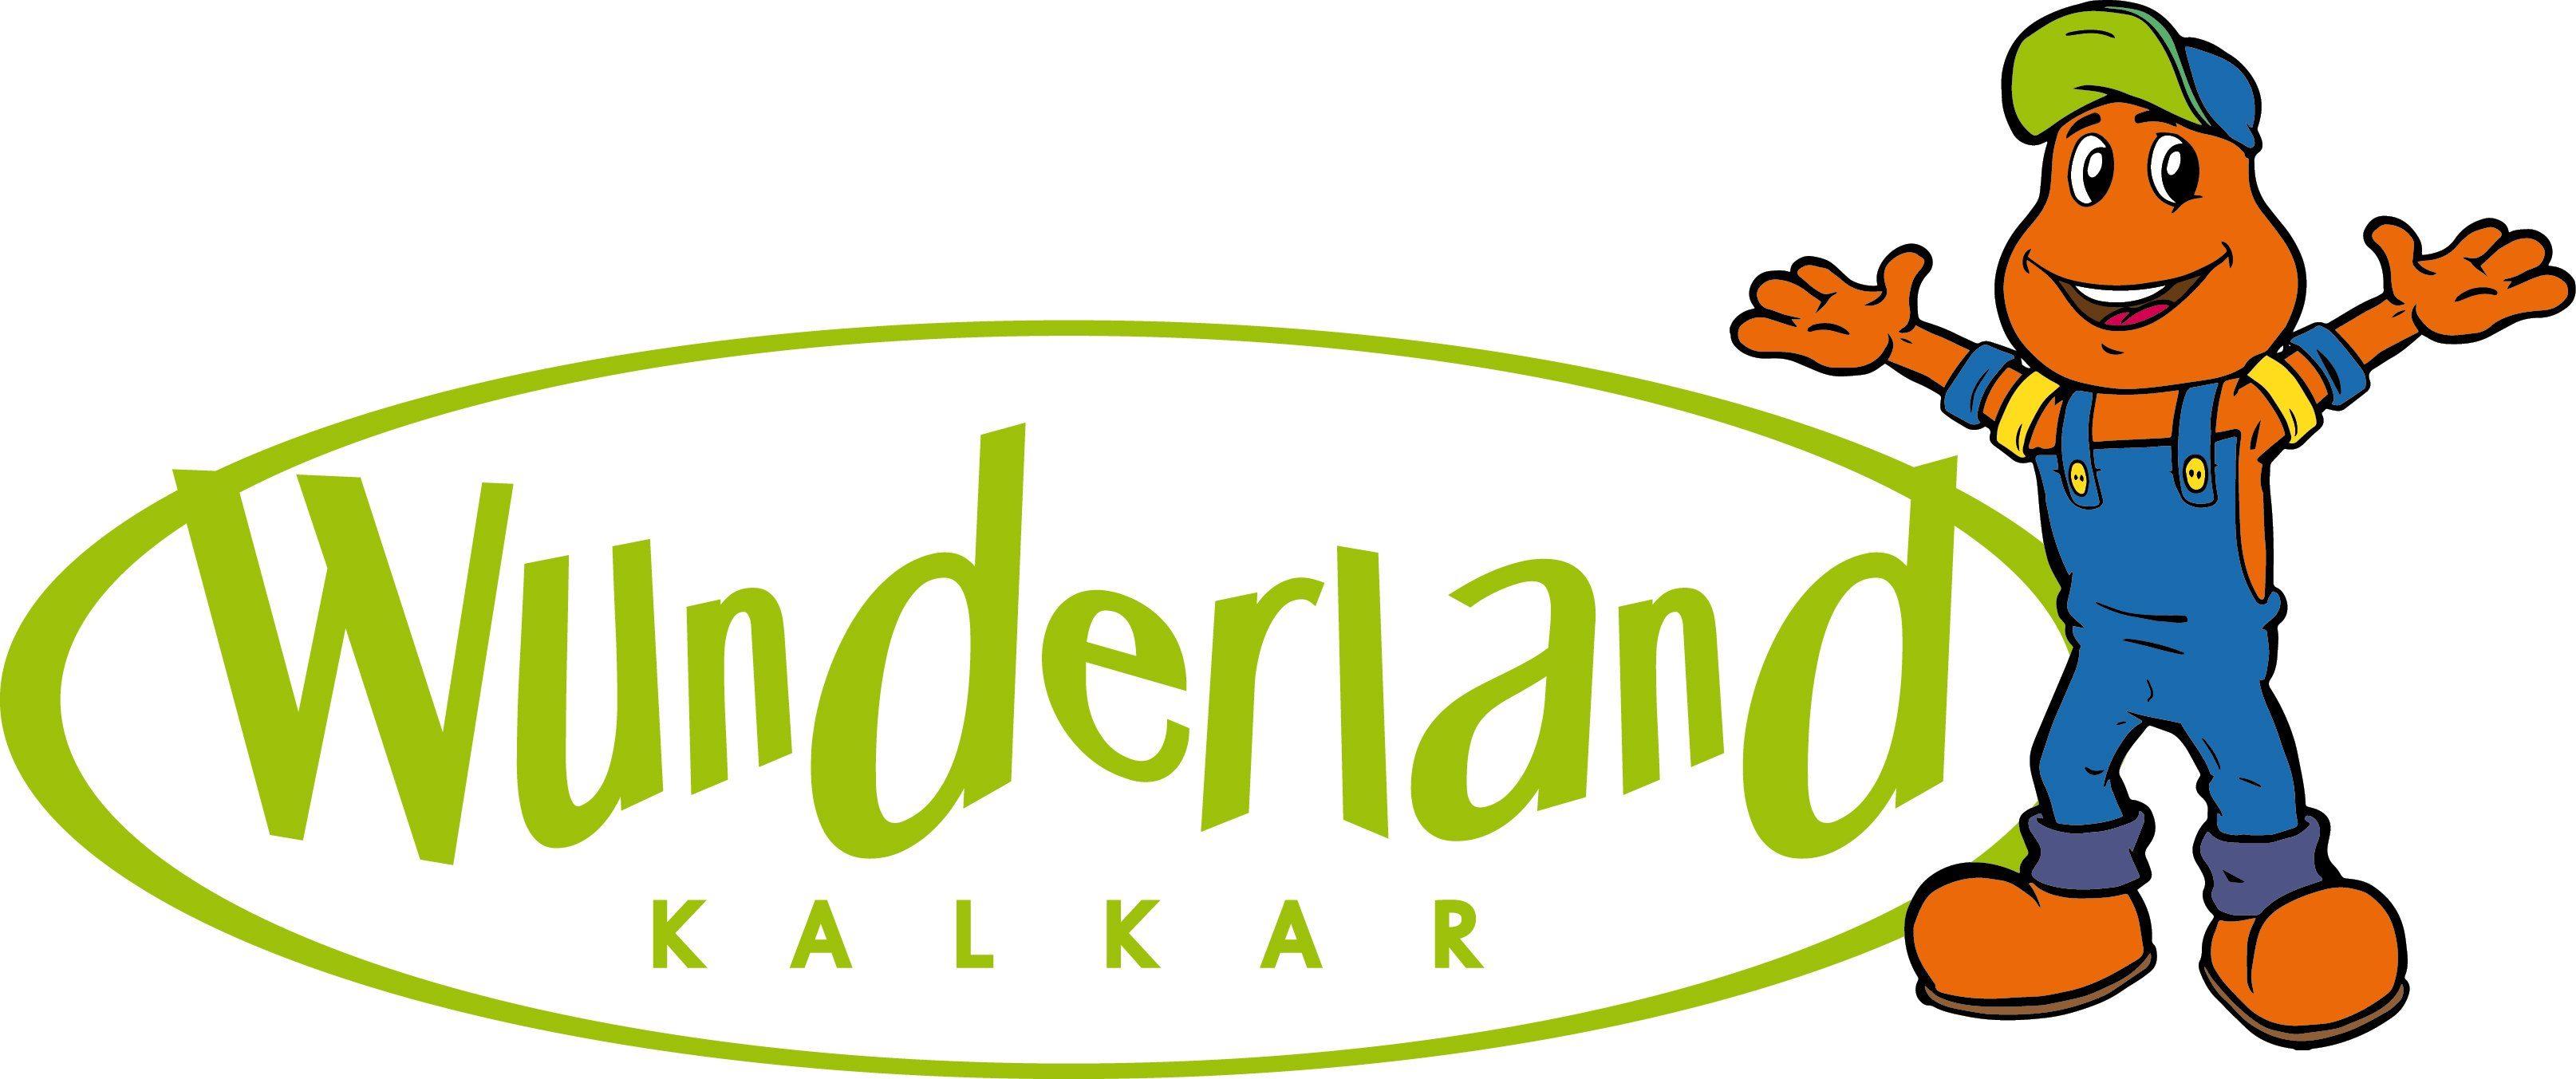 Logo Wunderland Kalkar